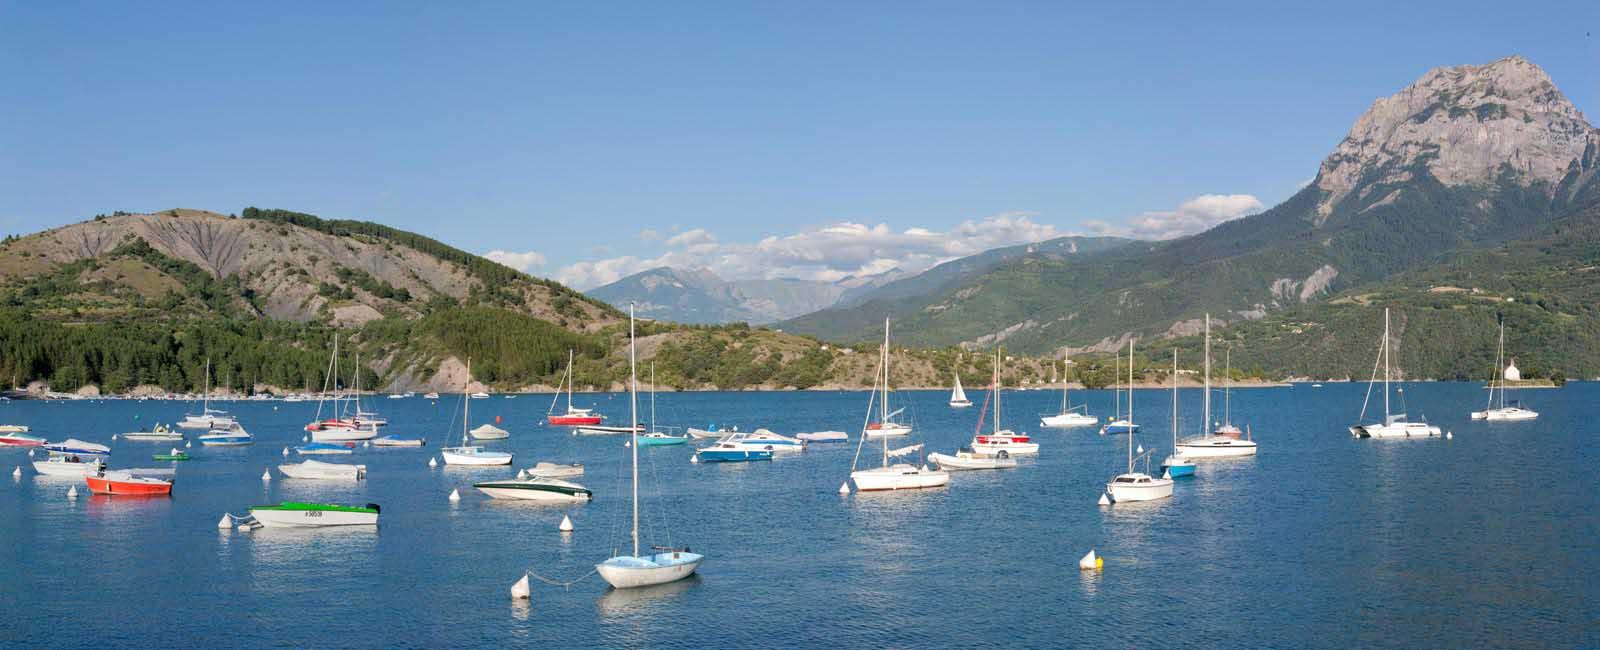 Lac de serre pon on durance hautes alpes - Office du tourisme de gap ...